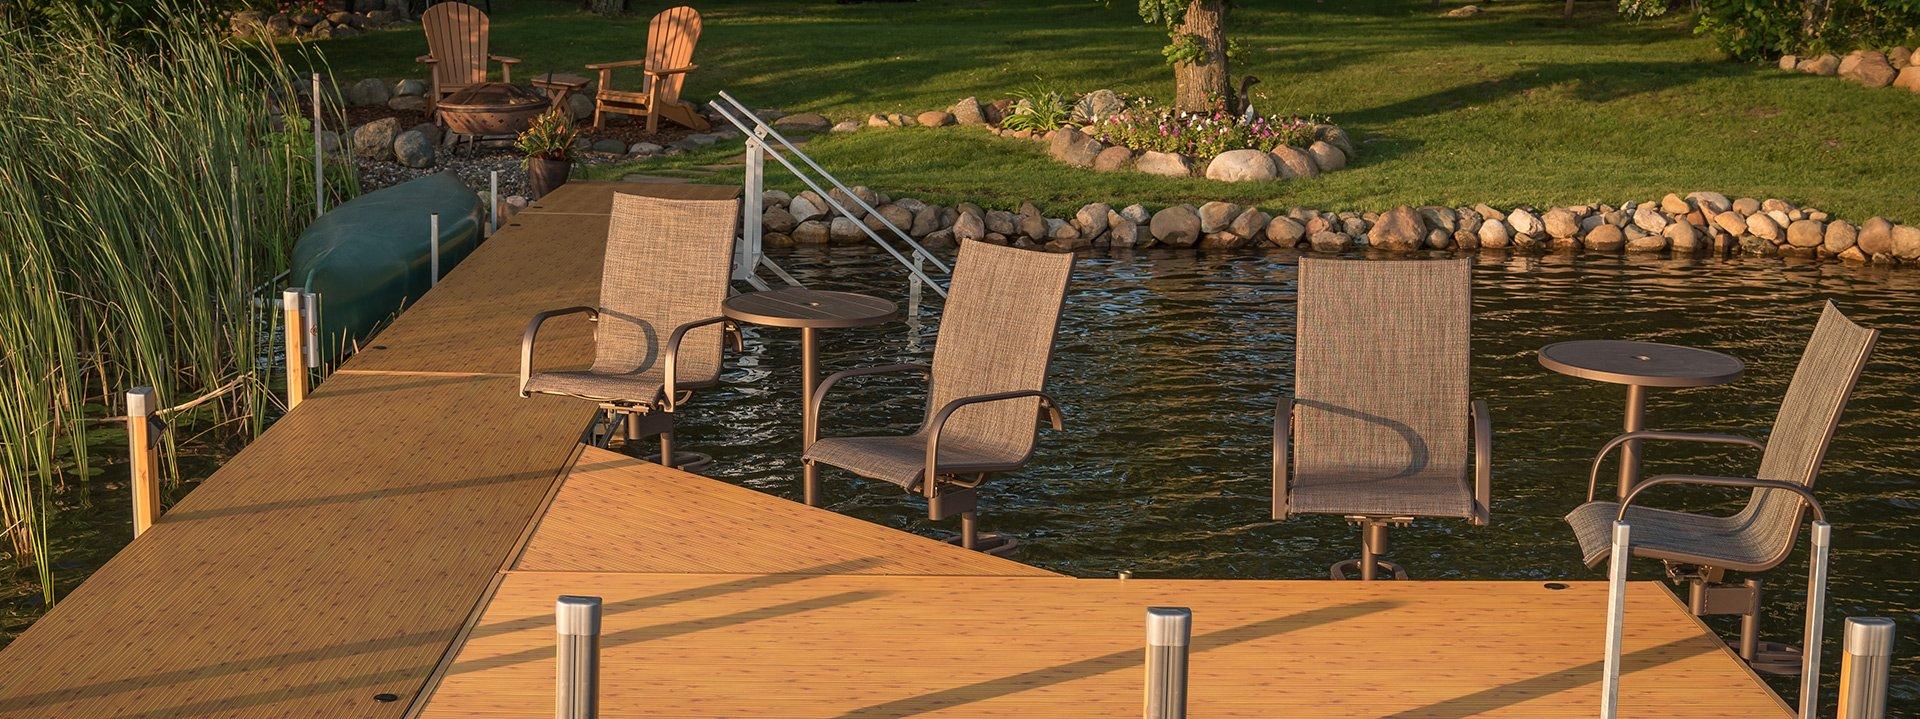 dock-accessories-banner